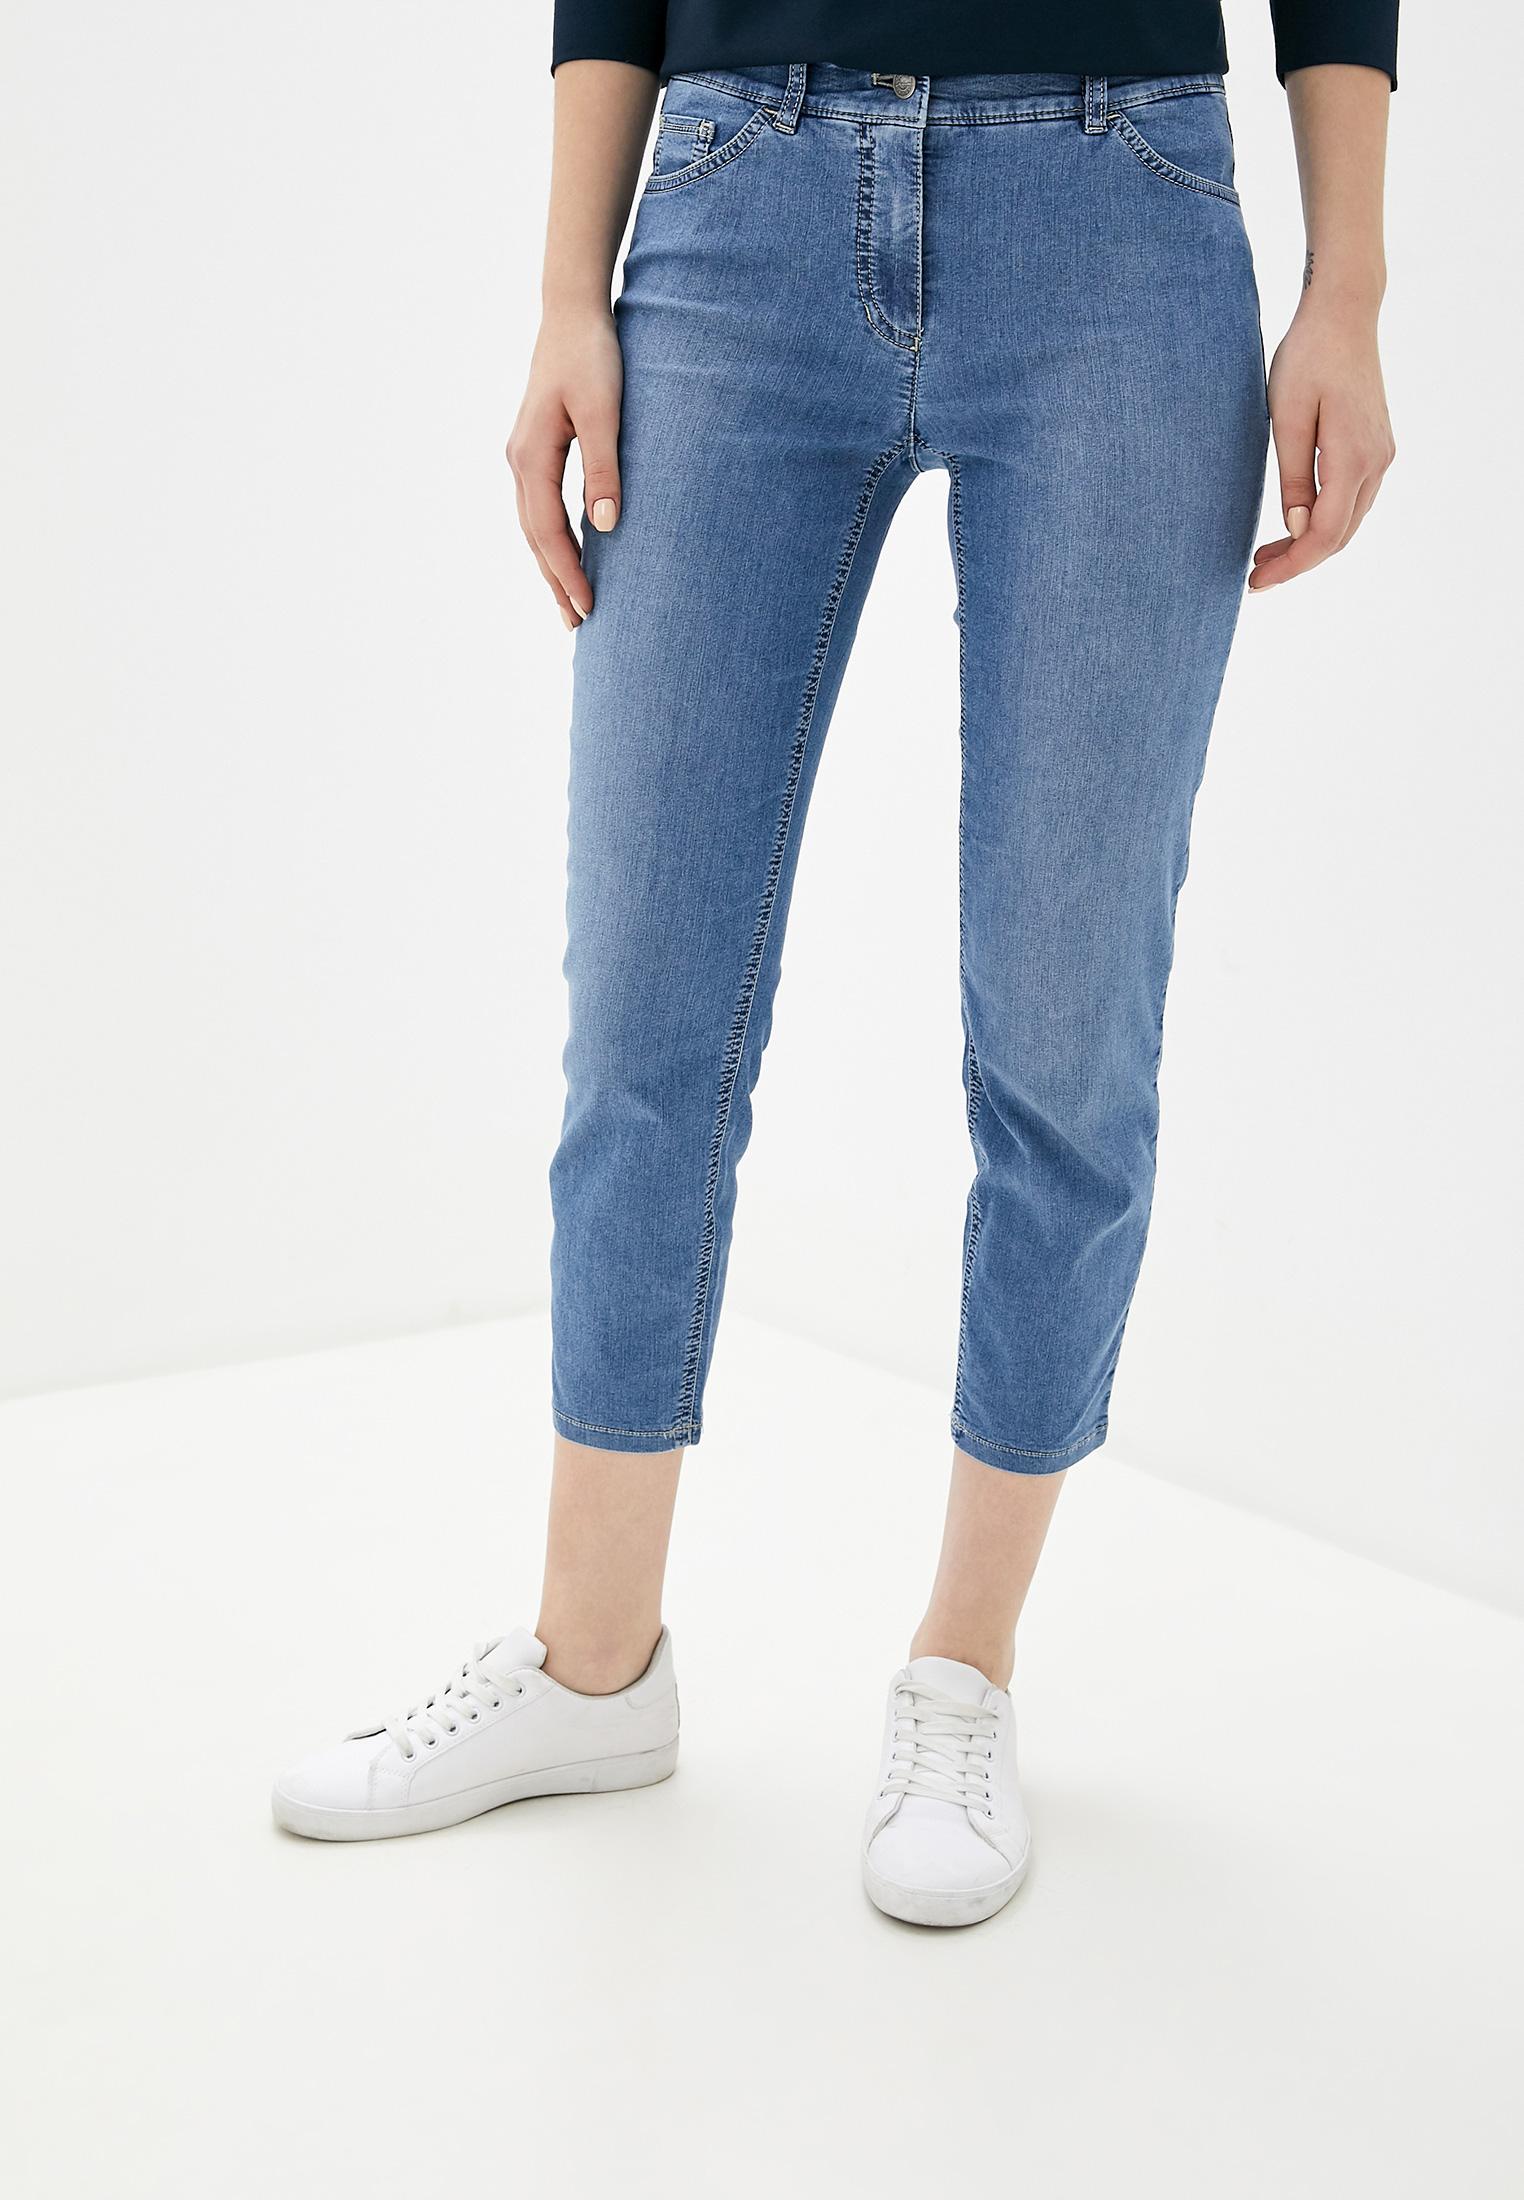 Женские джинсы Gerry Weber (Гарри Вебер) 92335-67813